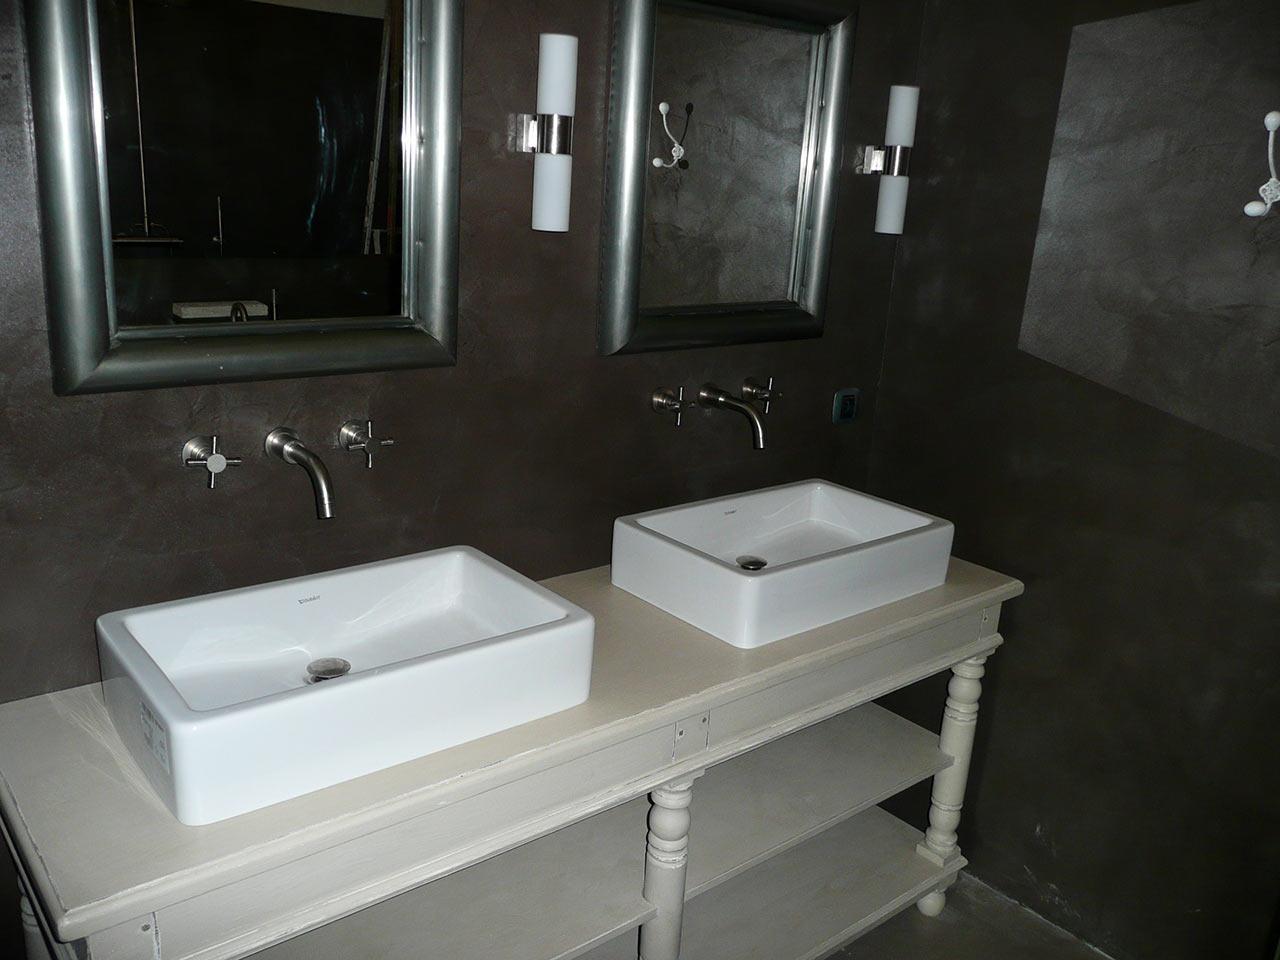 meuble salle de bain beton cir top salle de bain en bton cire gris with meuble salle de bain. Black Bedroom Furniture Sets. Home Design Ideas